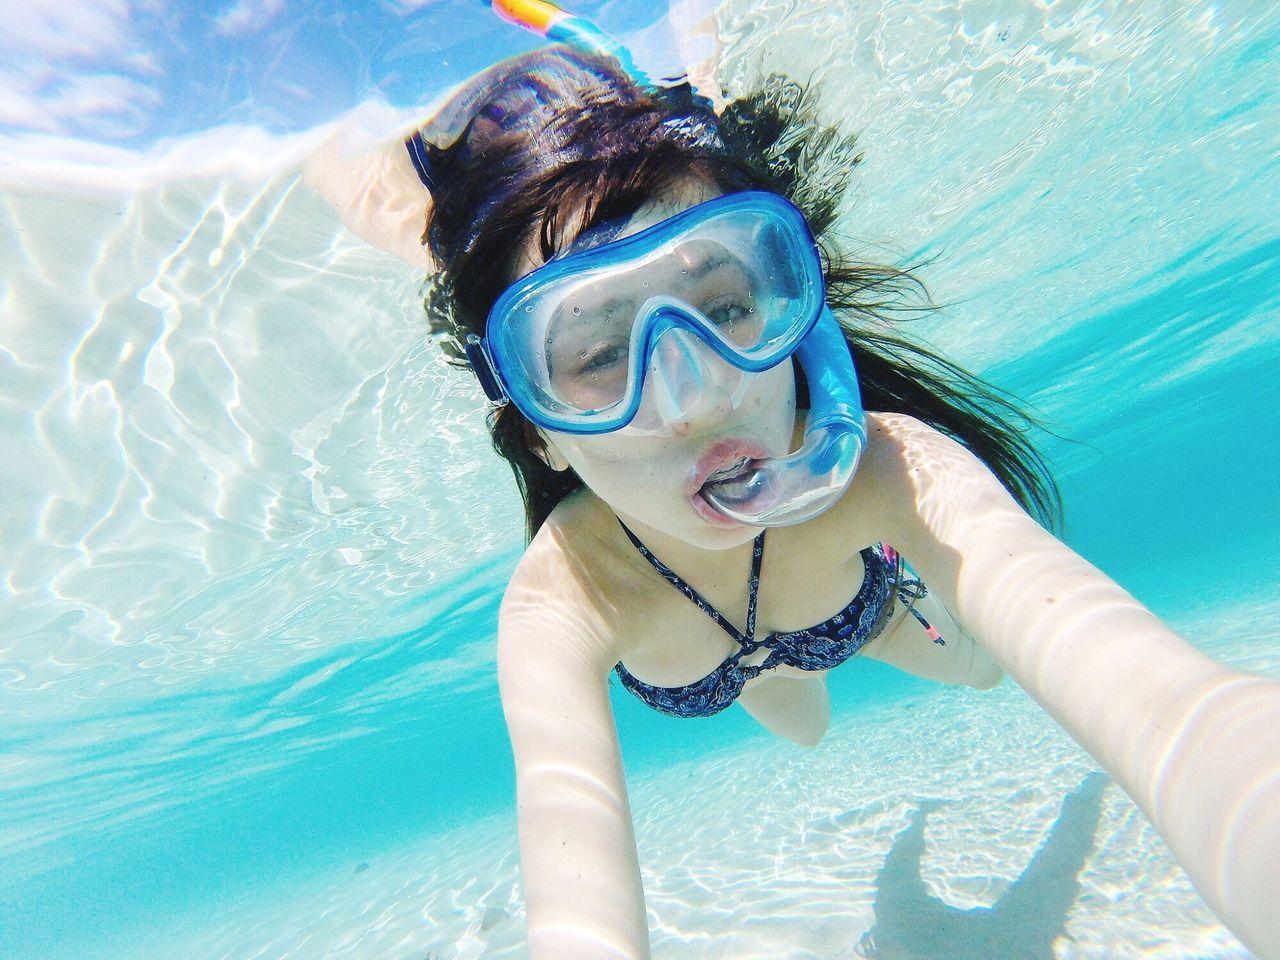 Portrait Of Young Woman In Bikini Snorkeling In Sea